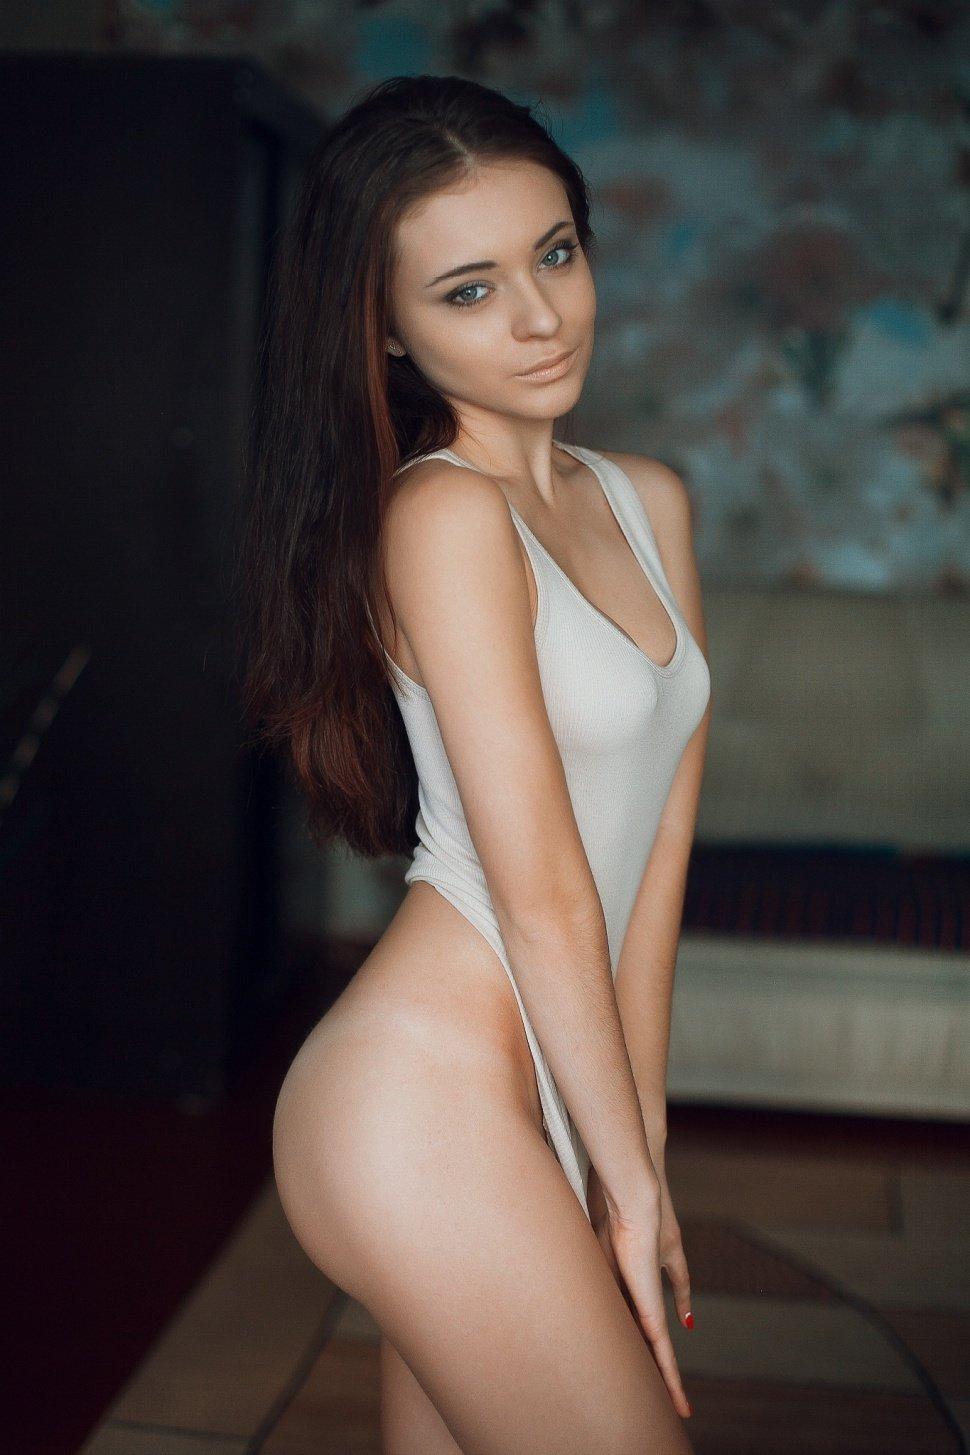 piękne dziewczyny #57 35